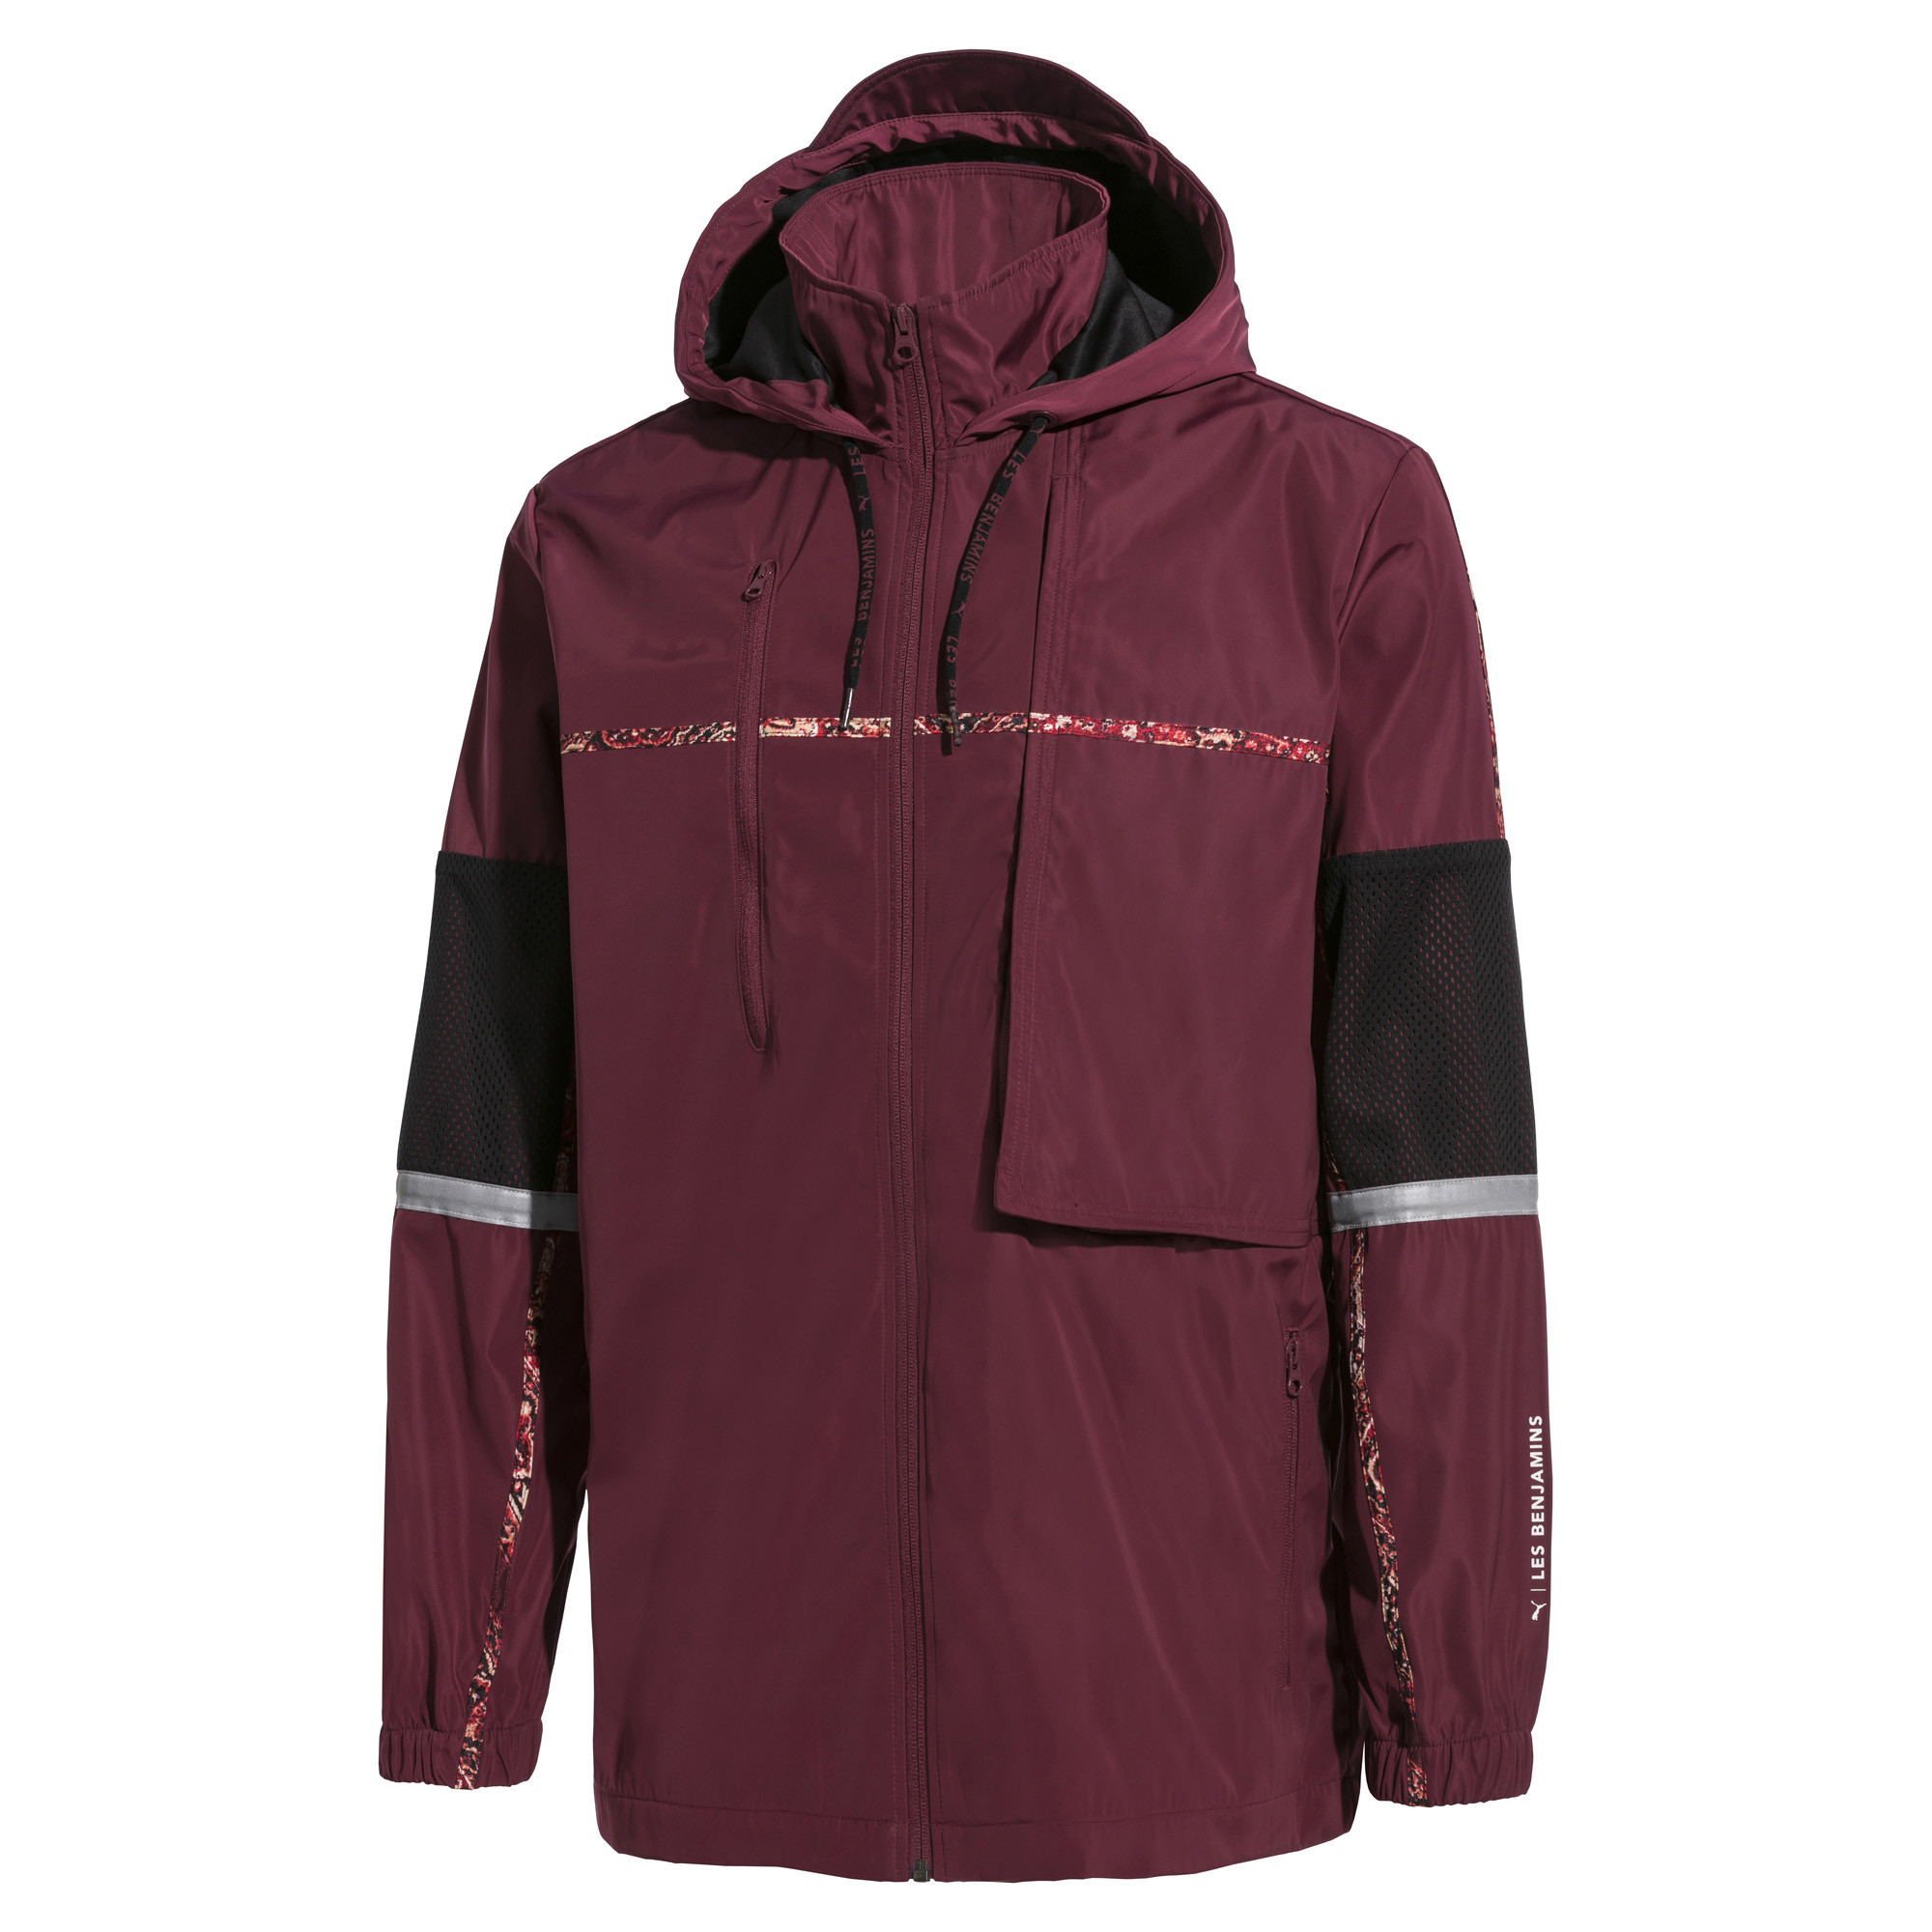 03f5b75f Спортивные мужские куртки с капюшоном Puma - купите в интернет-магазине